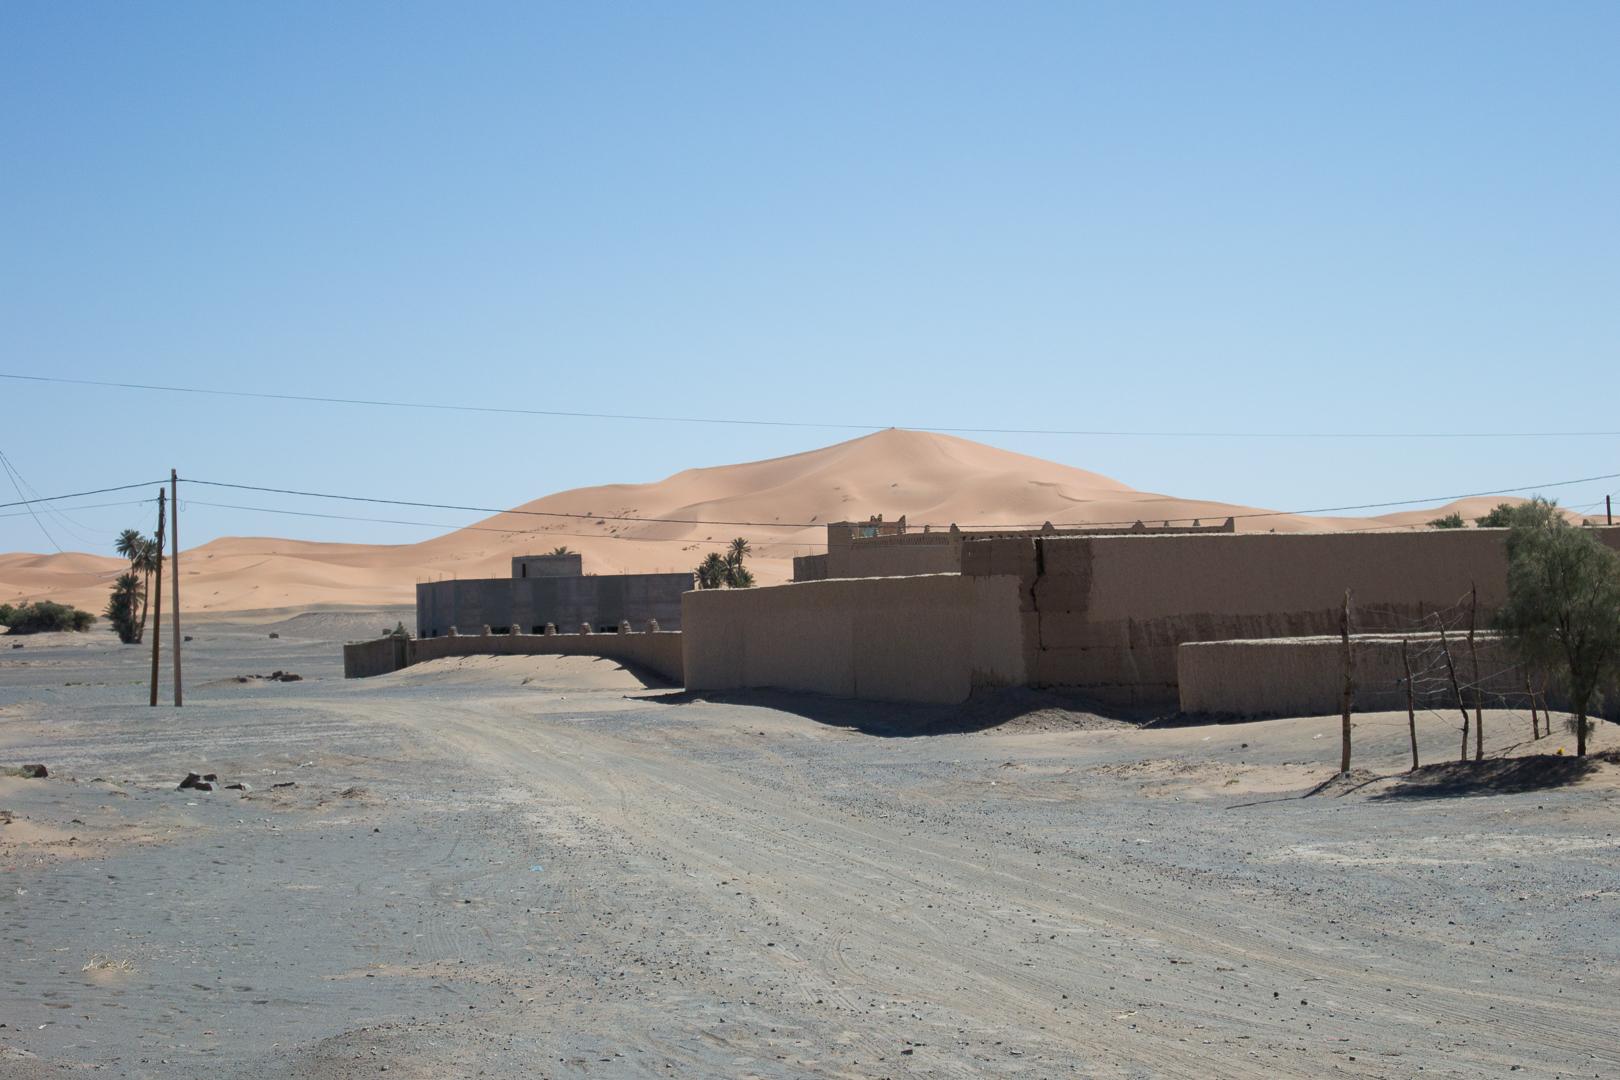 Die Wüste ruft